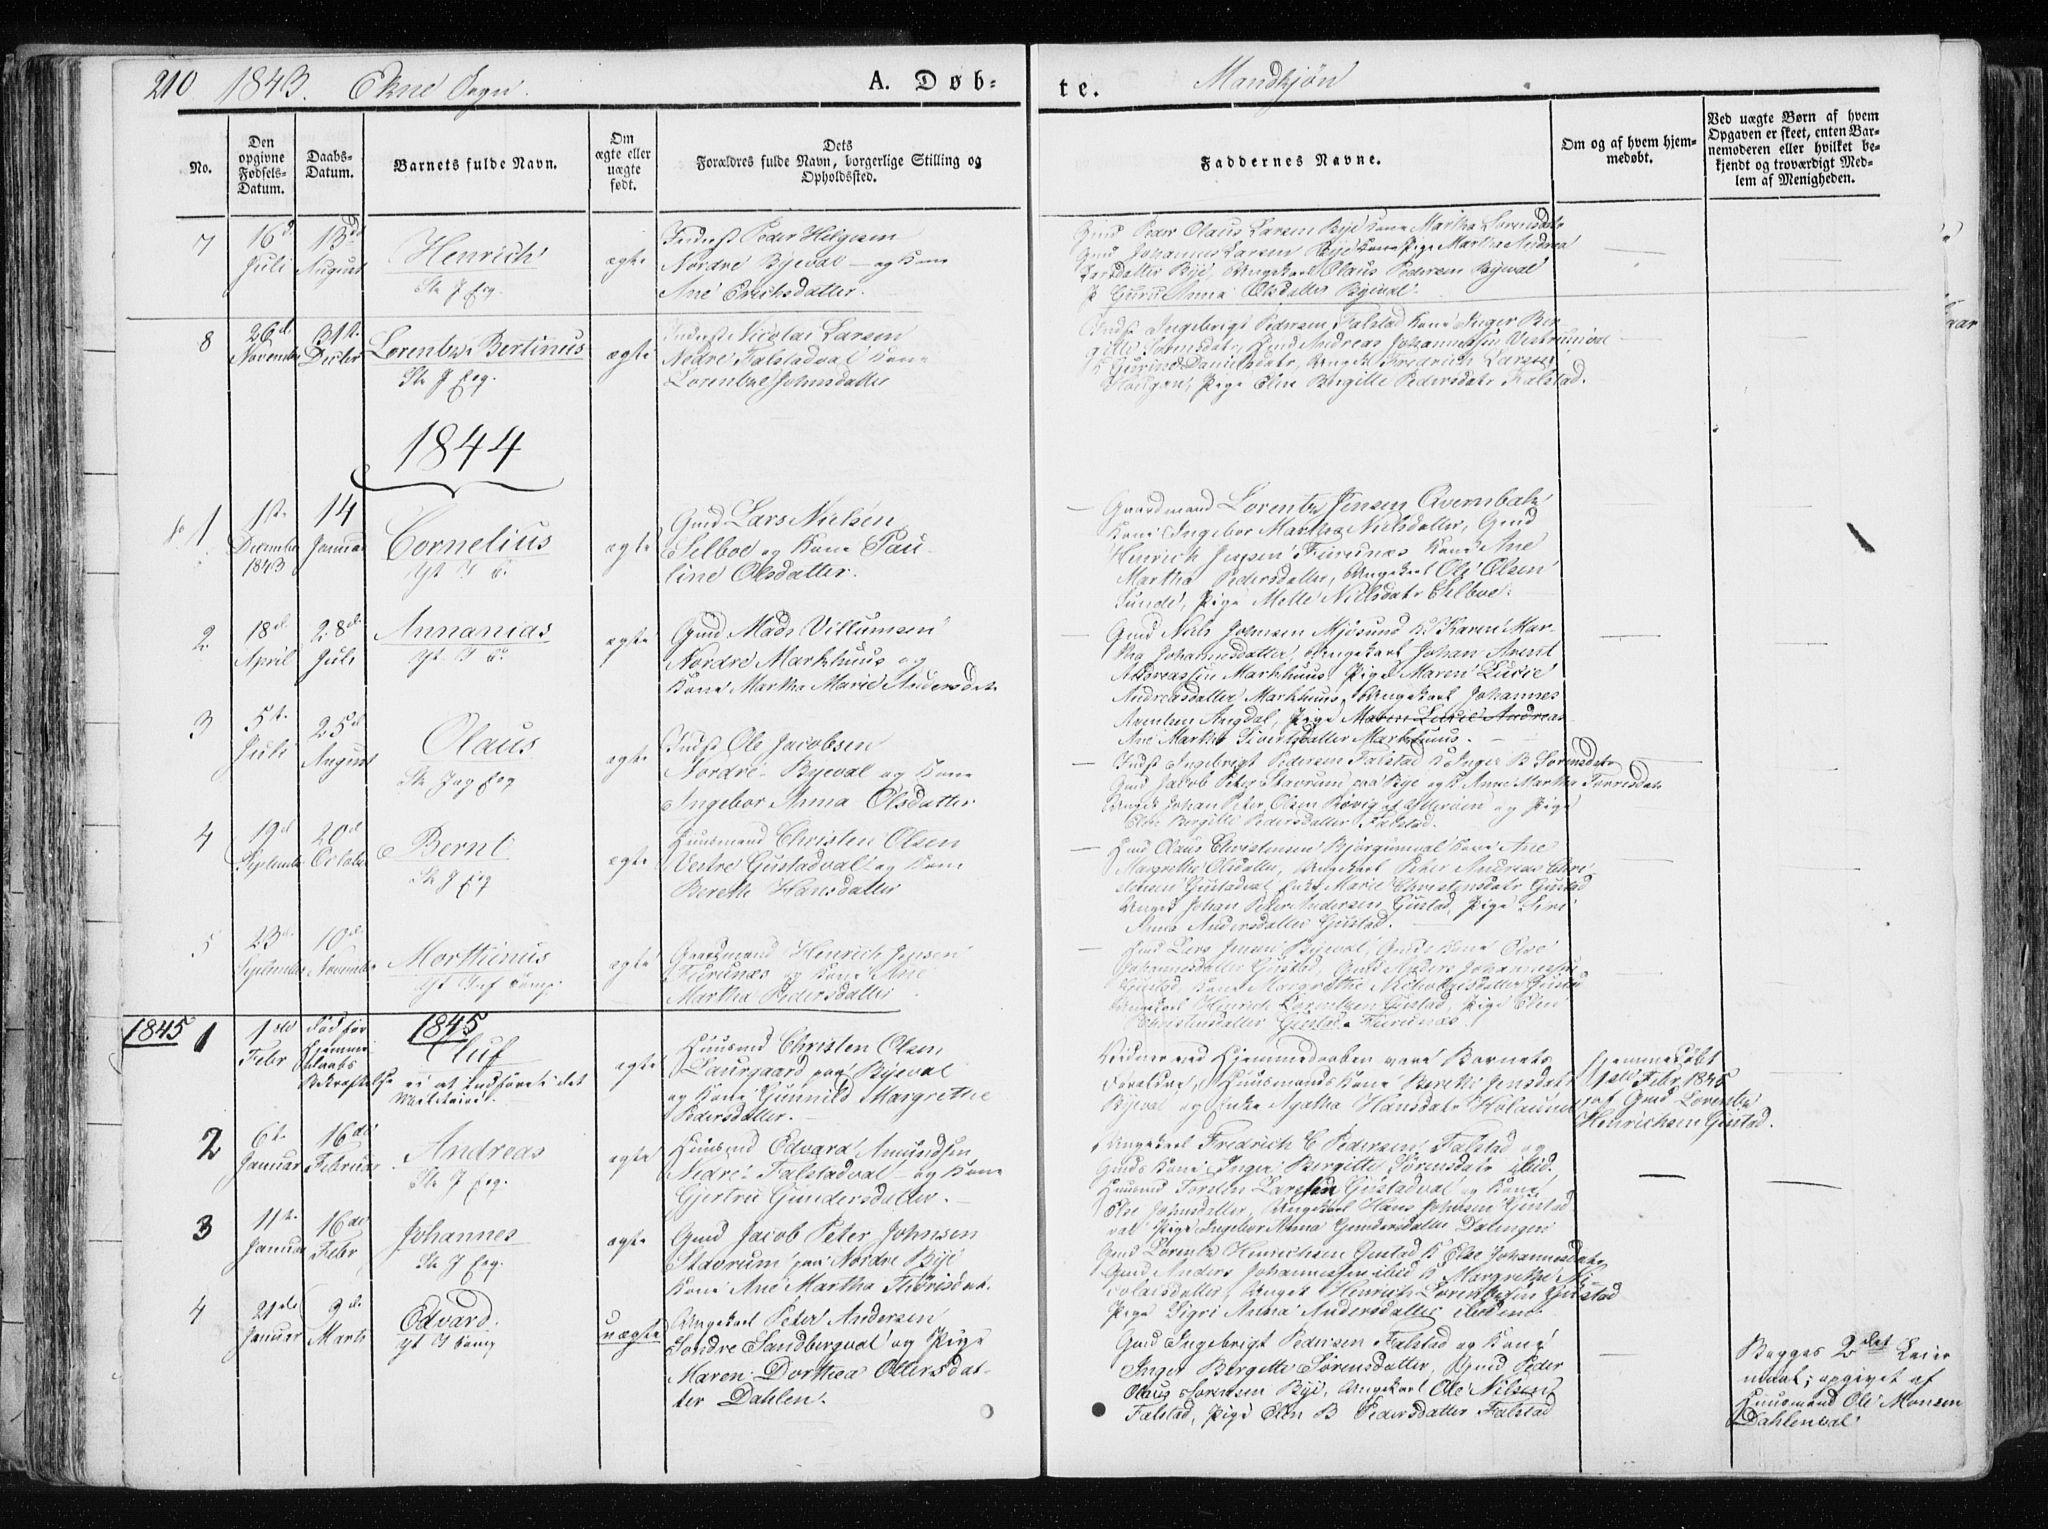 SAT, Ministerialprotokoller, klokkerbøker og fødselsregistre - Nord-Trøndelag, 717/L0154: Ministerialbok nr. 717A06 /2, 1836-1849, s. 210